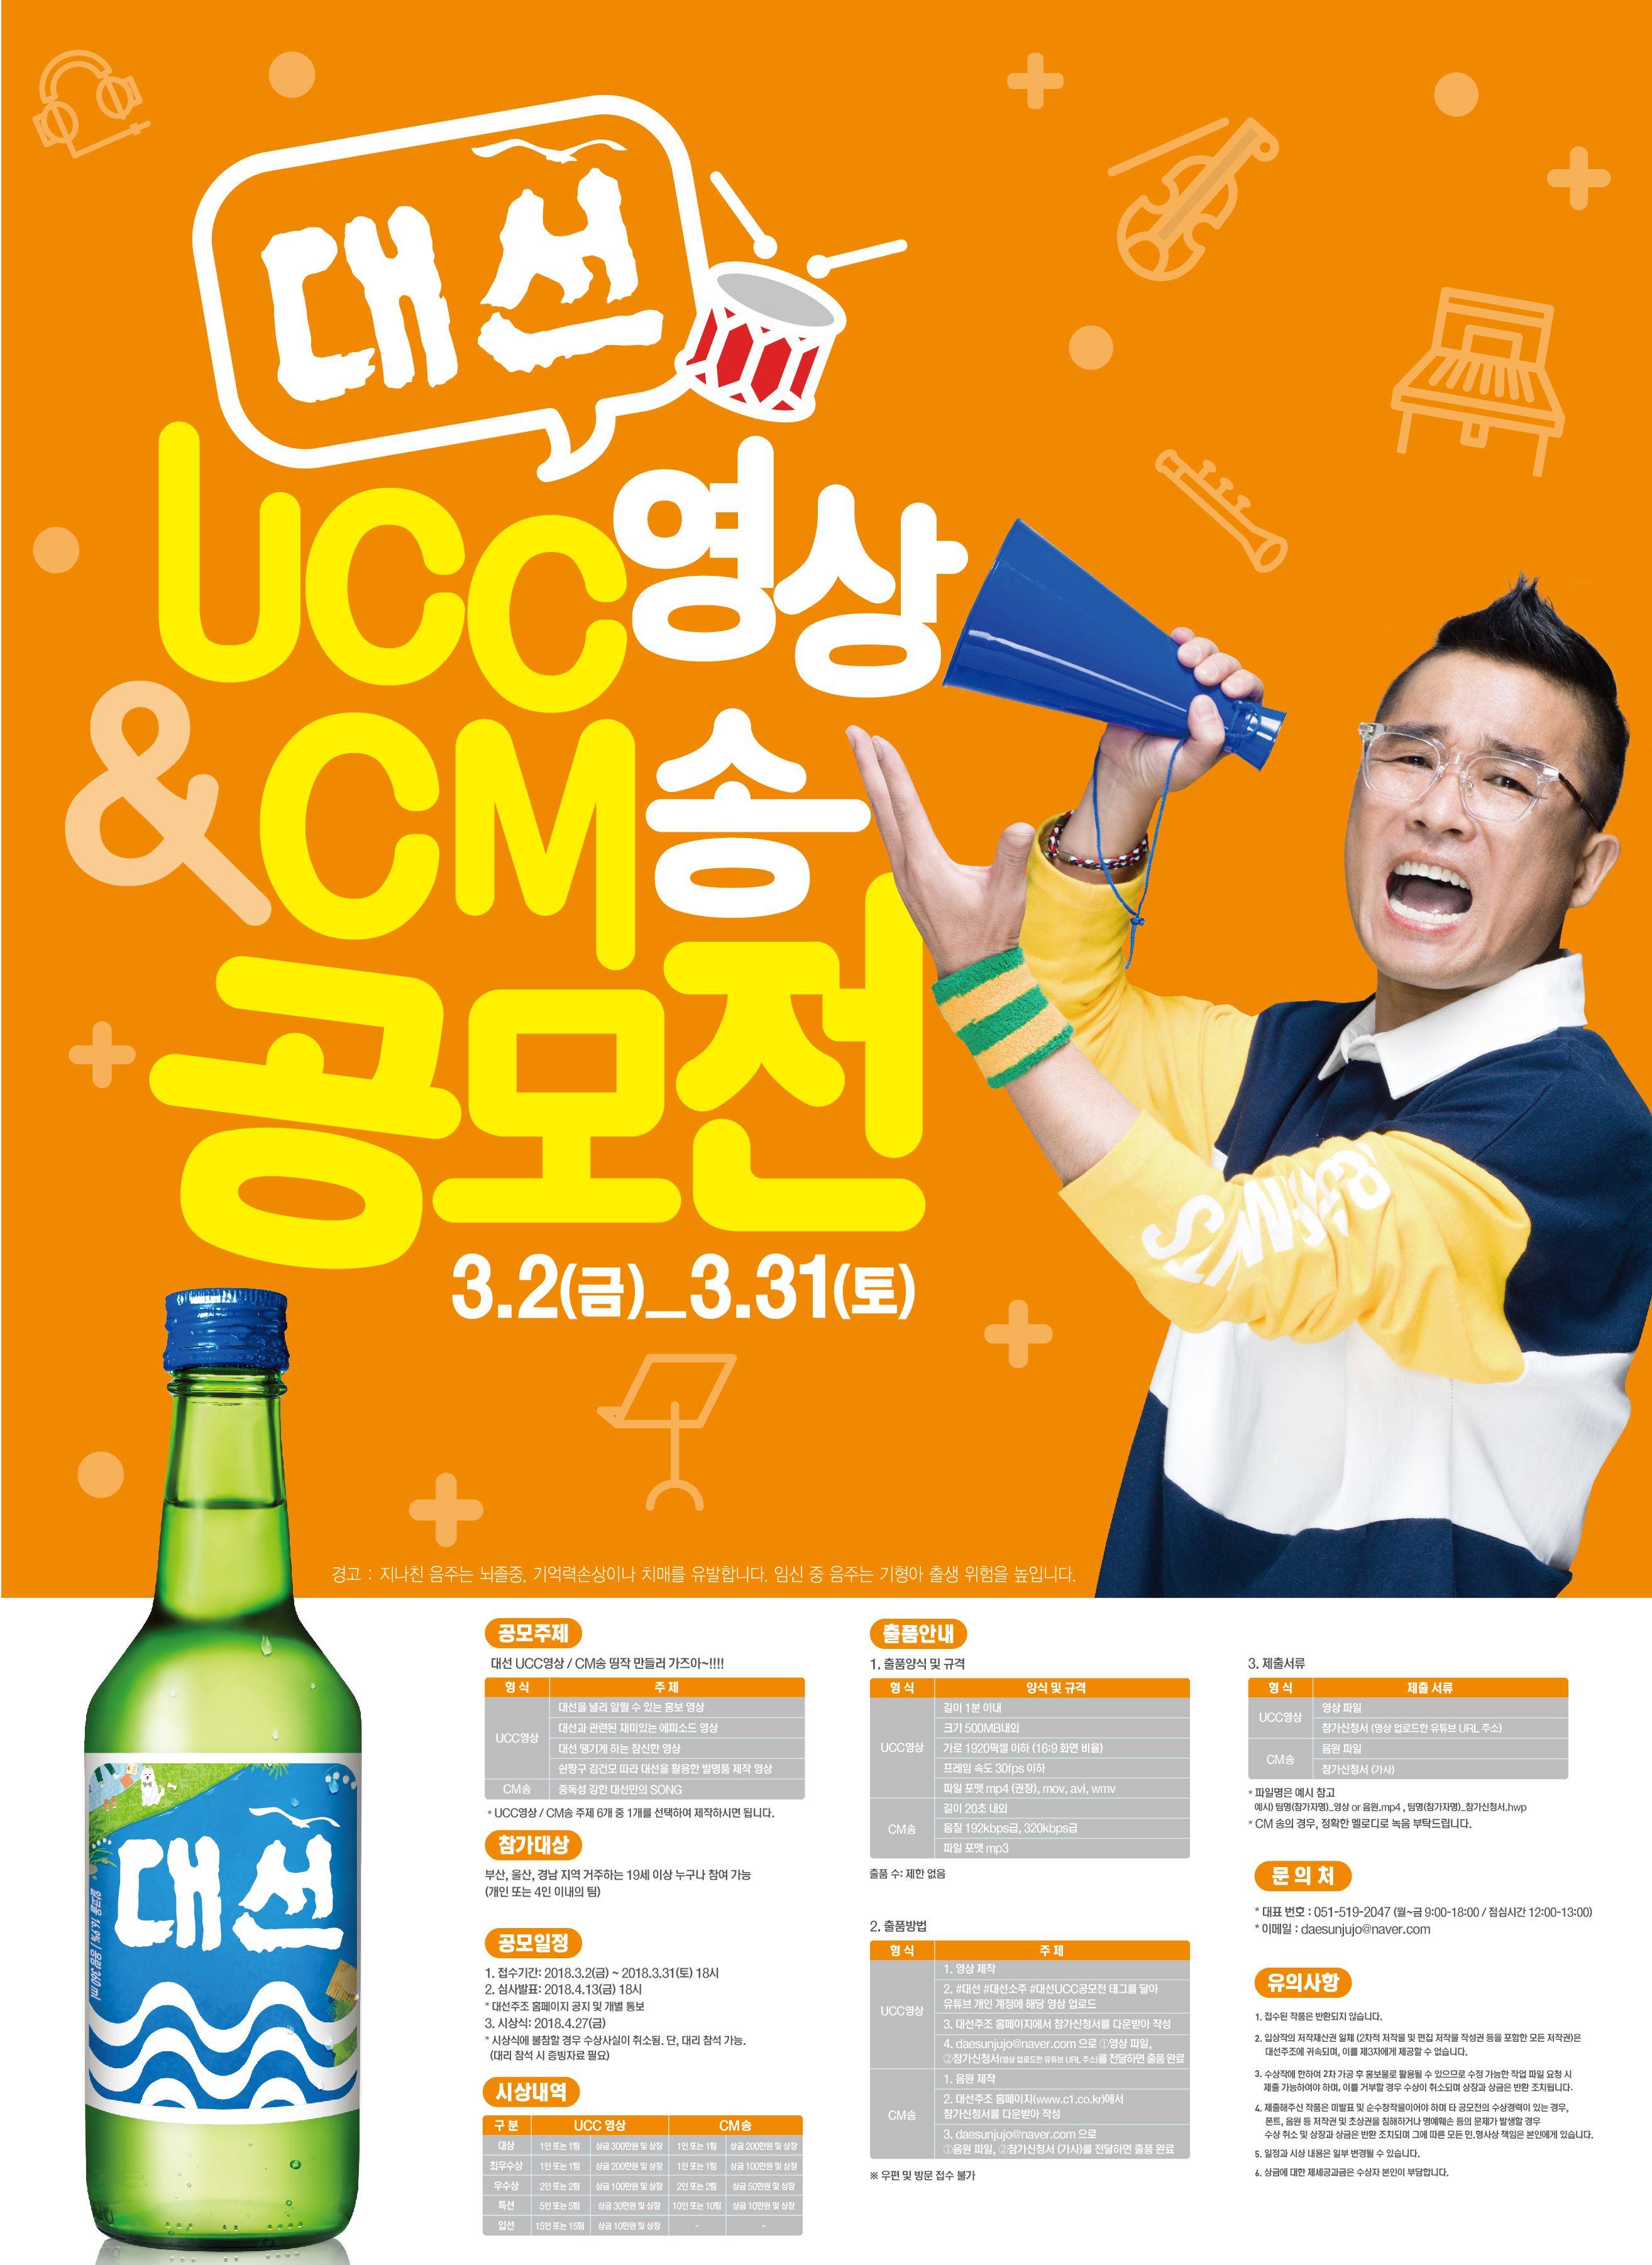 [대선주조]대선 UCC영상 & CM송 띵작 만들러 가즈아~!!!!